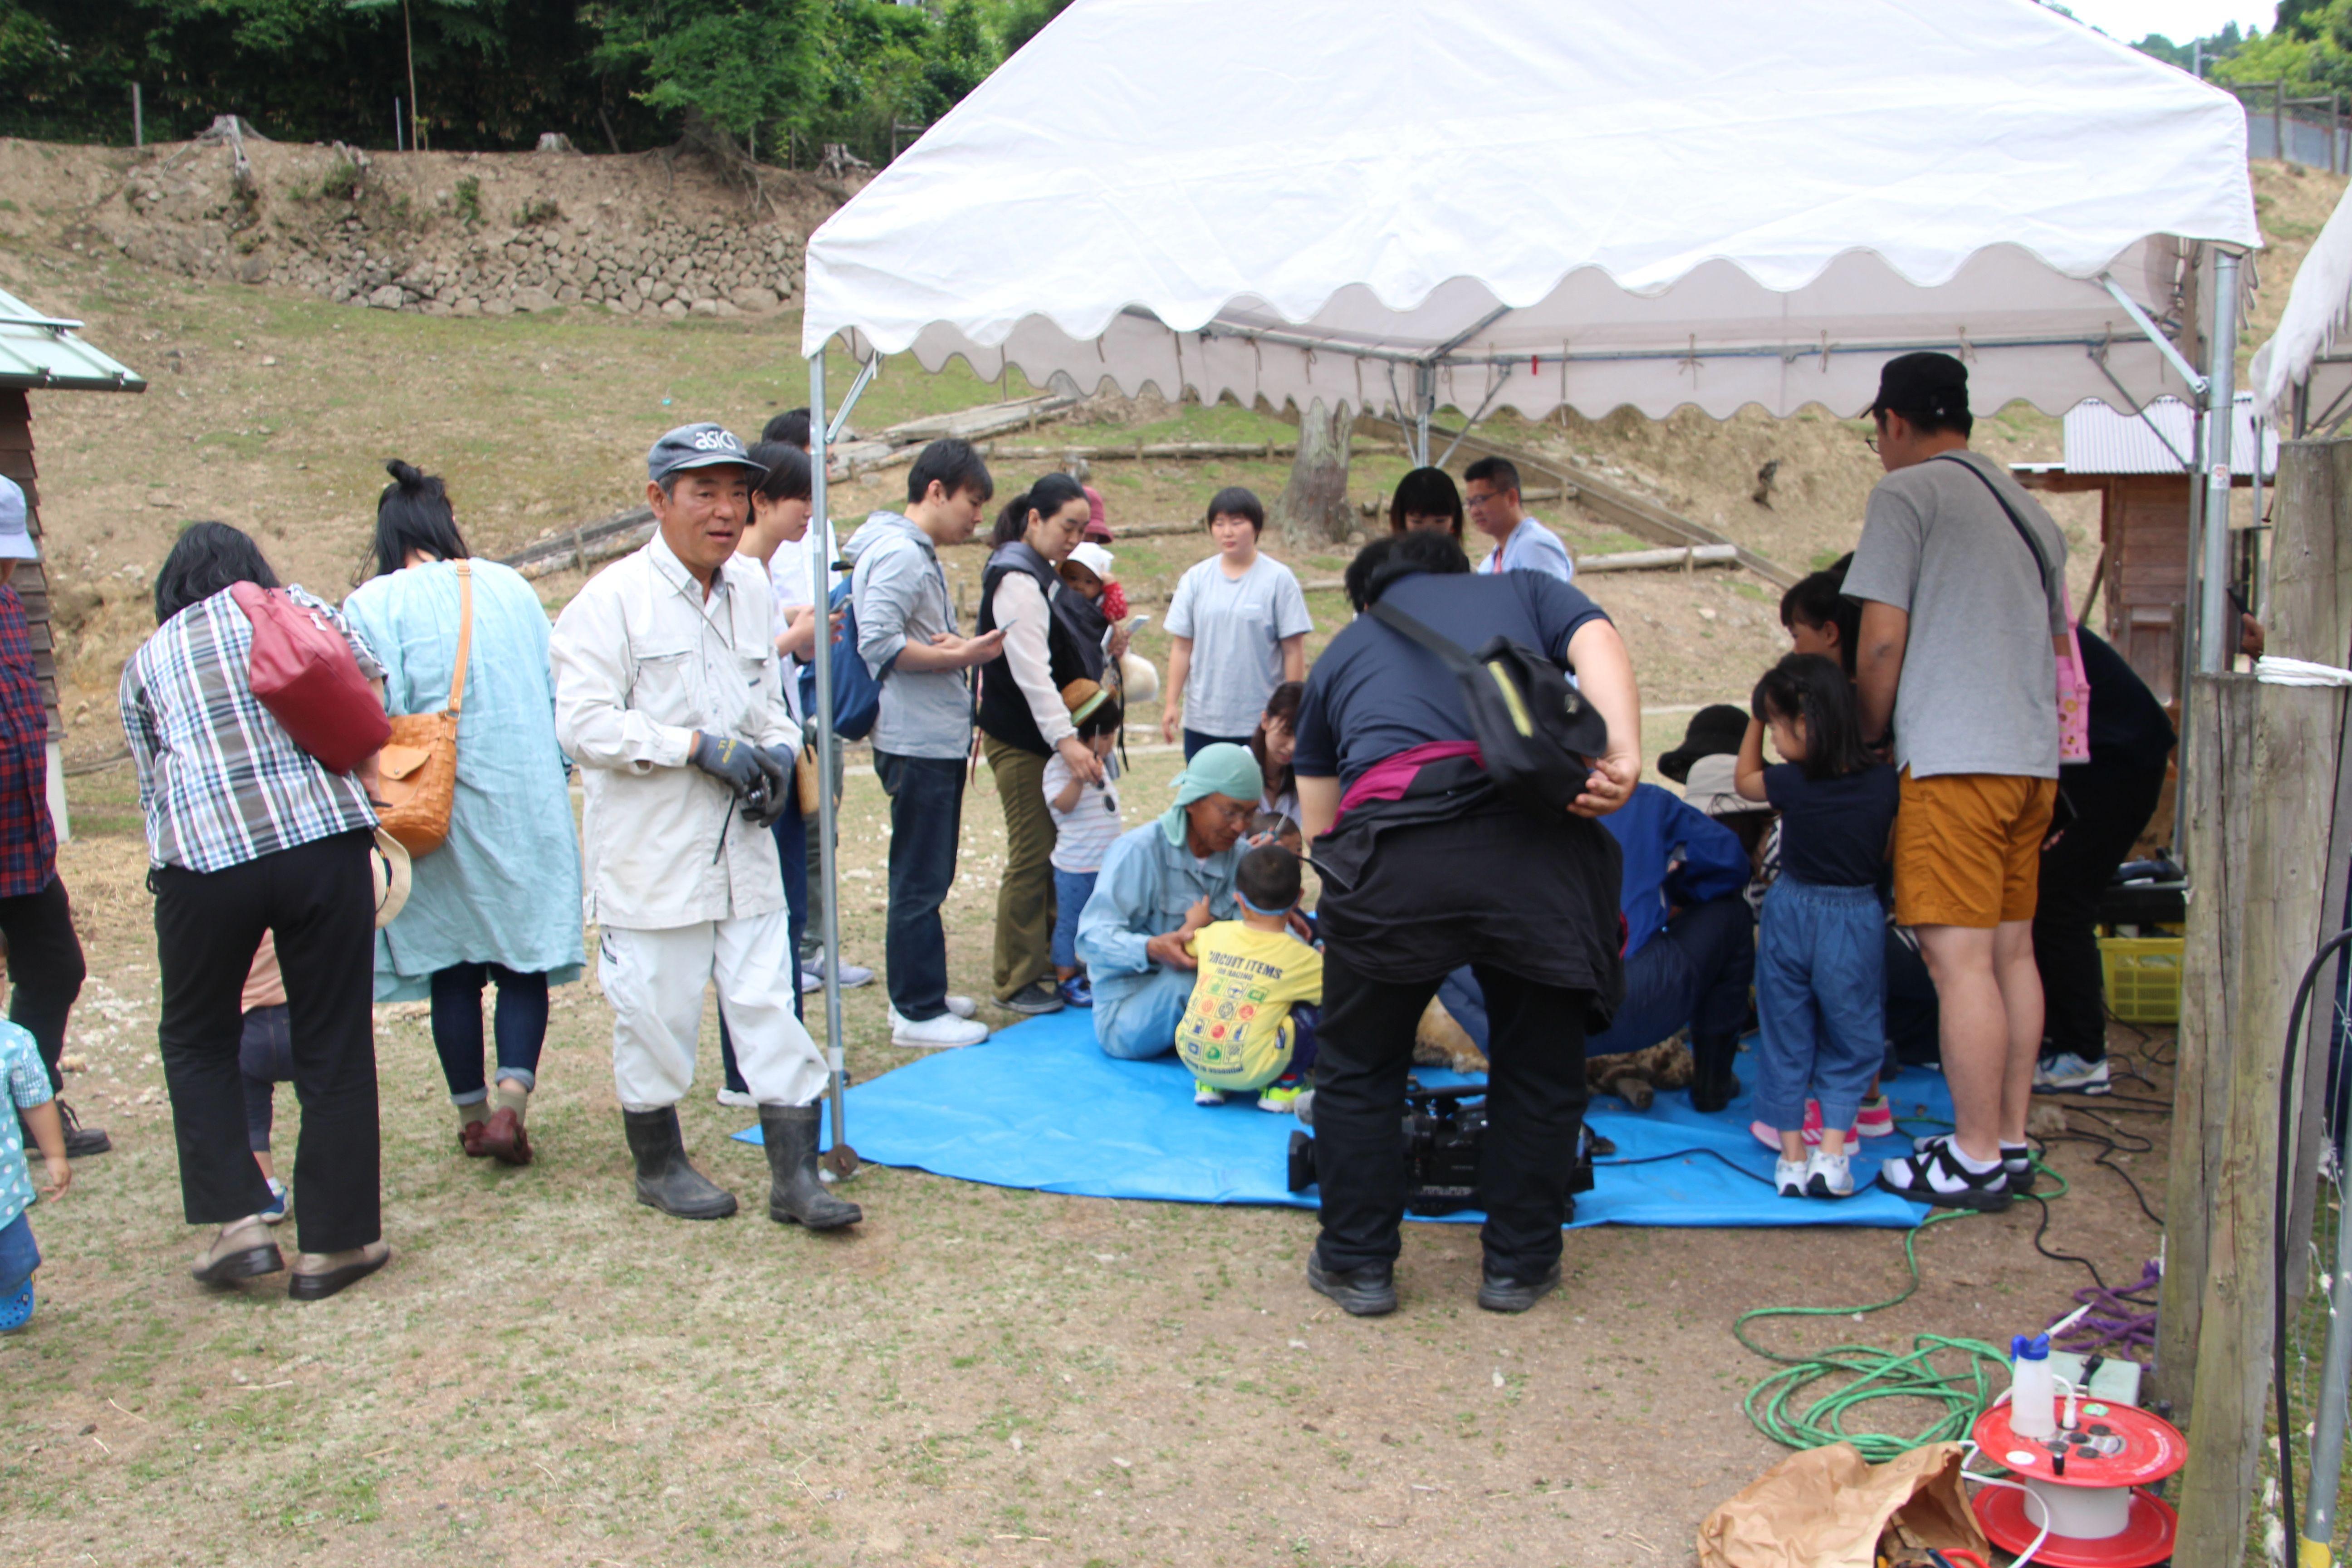 令和元年度羊たちの毛刈り体験会が開催されました。